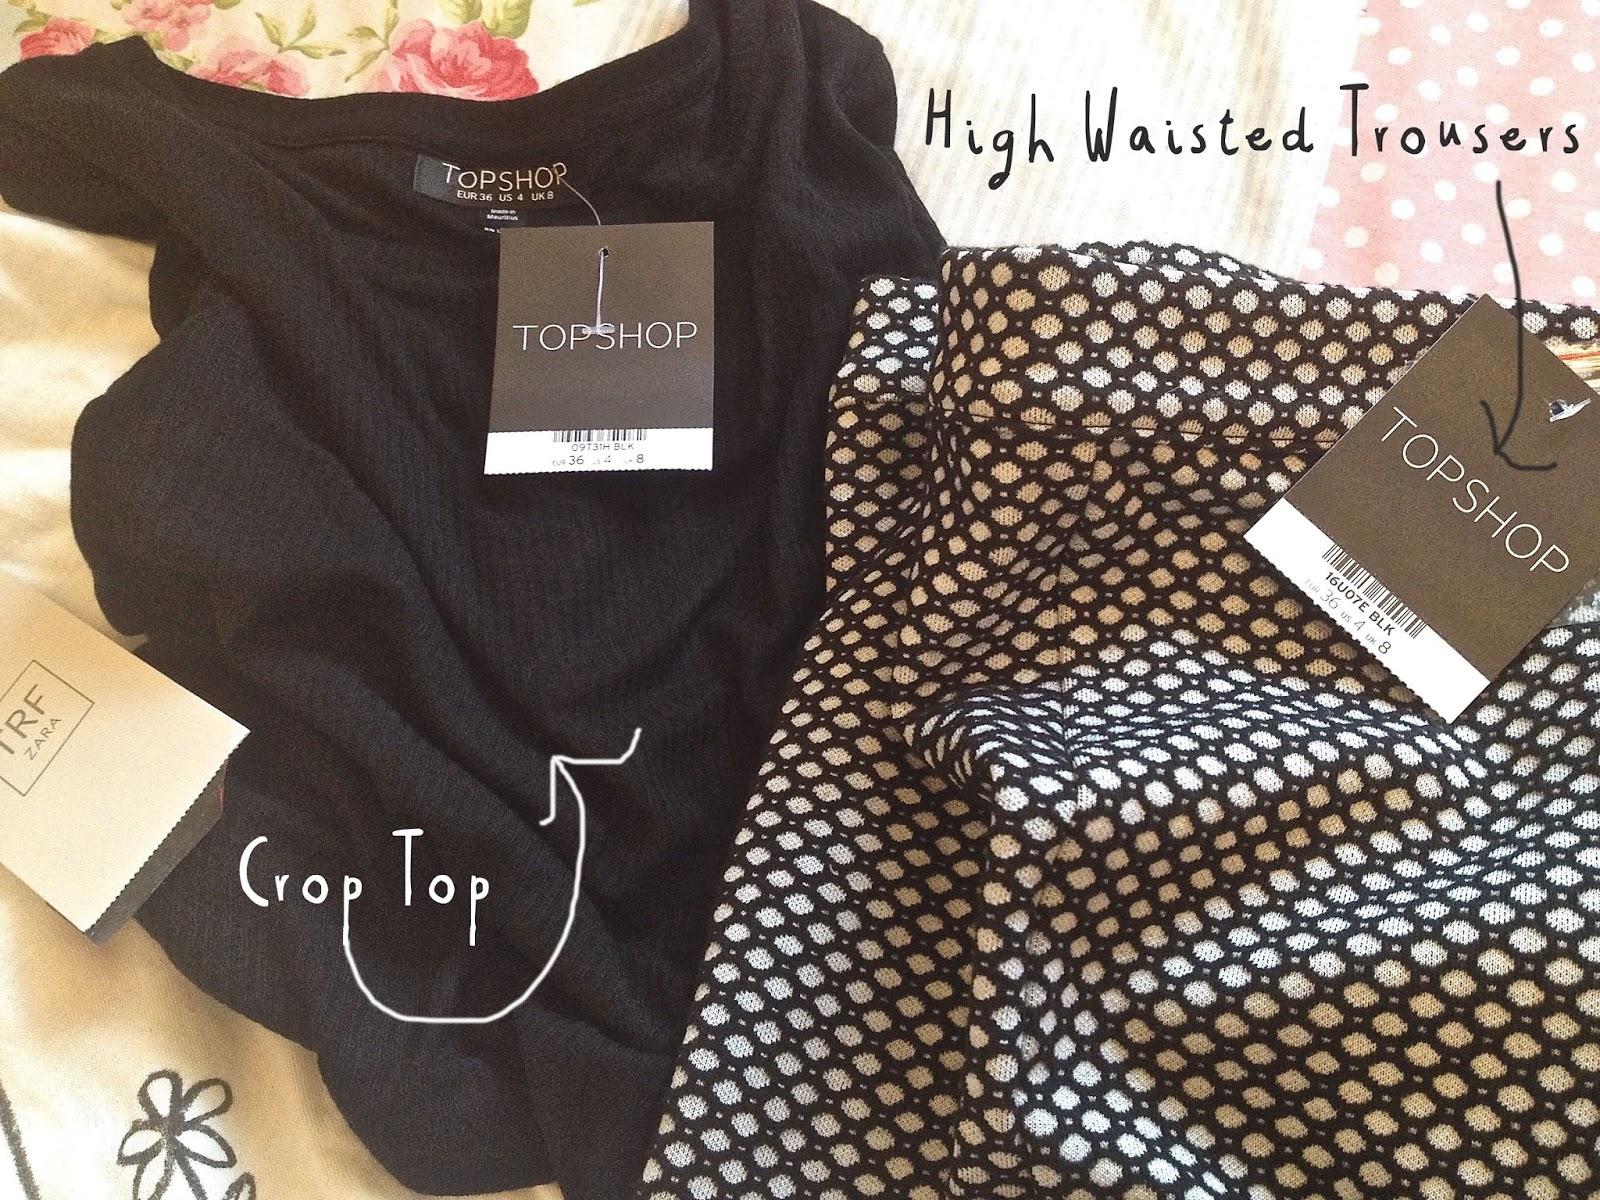 topshop blog haul